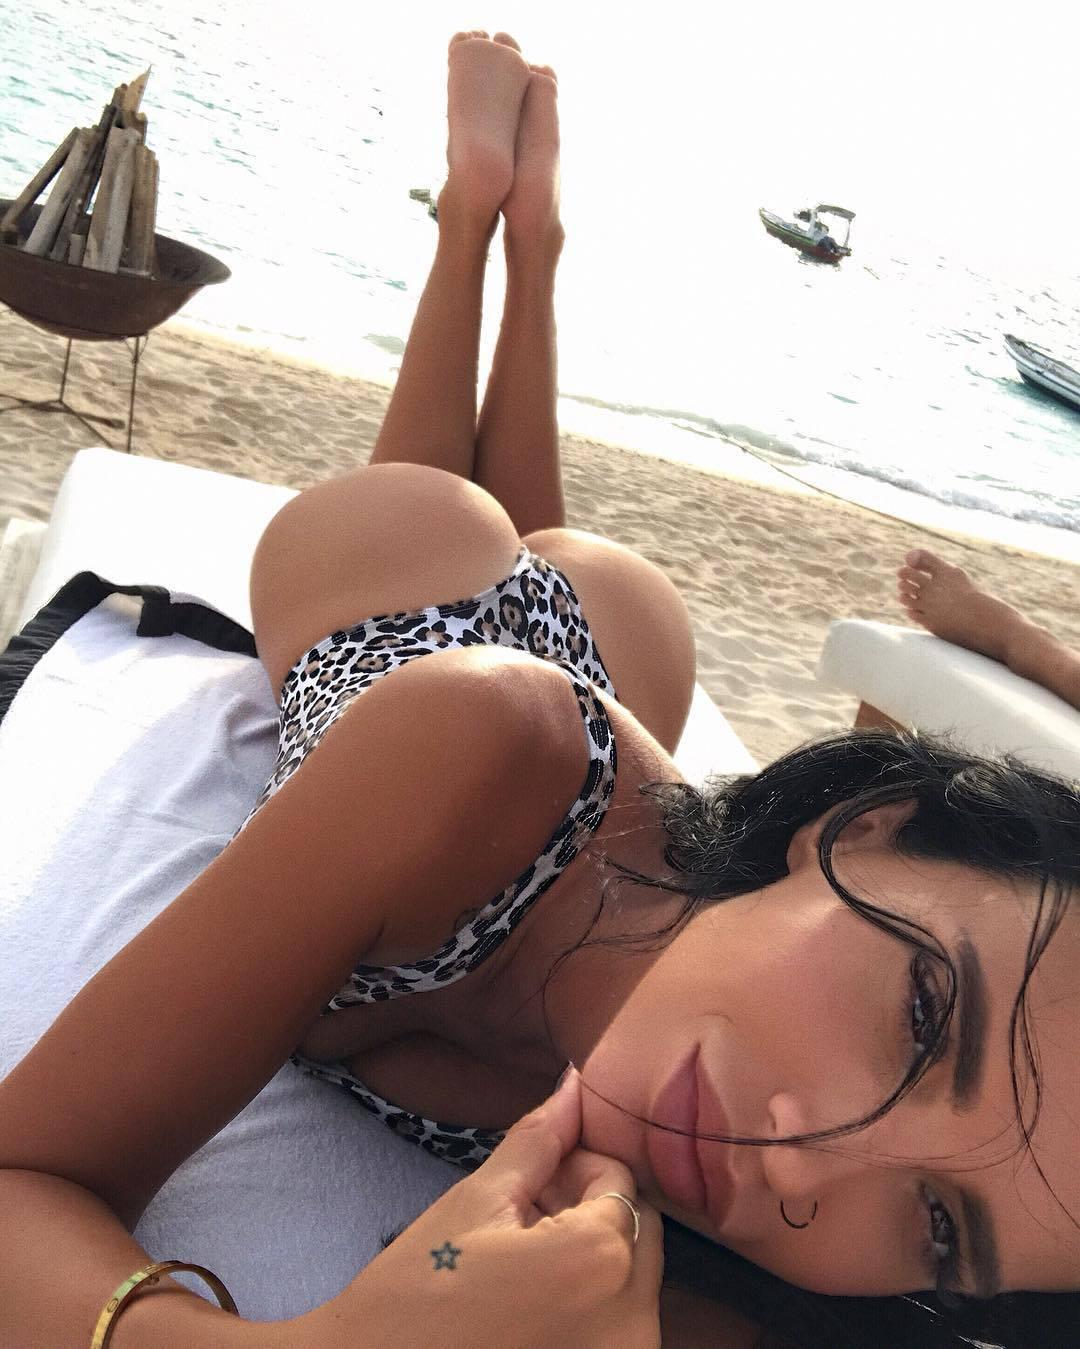 Poduzetna Ula: 'Odjeća mi ne treba, dovoljan mi je  bikini...'